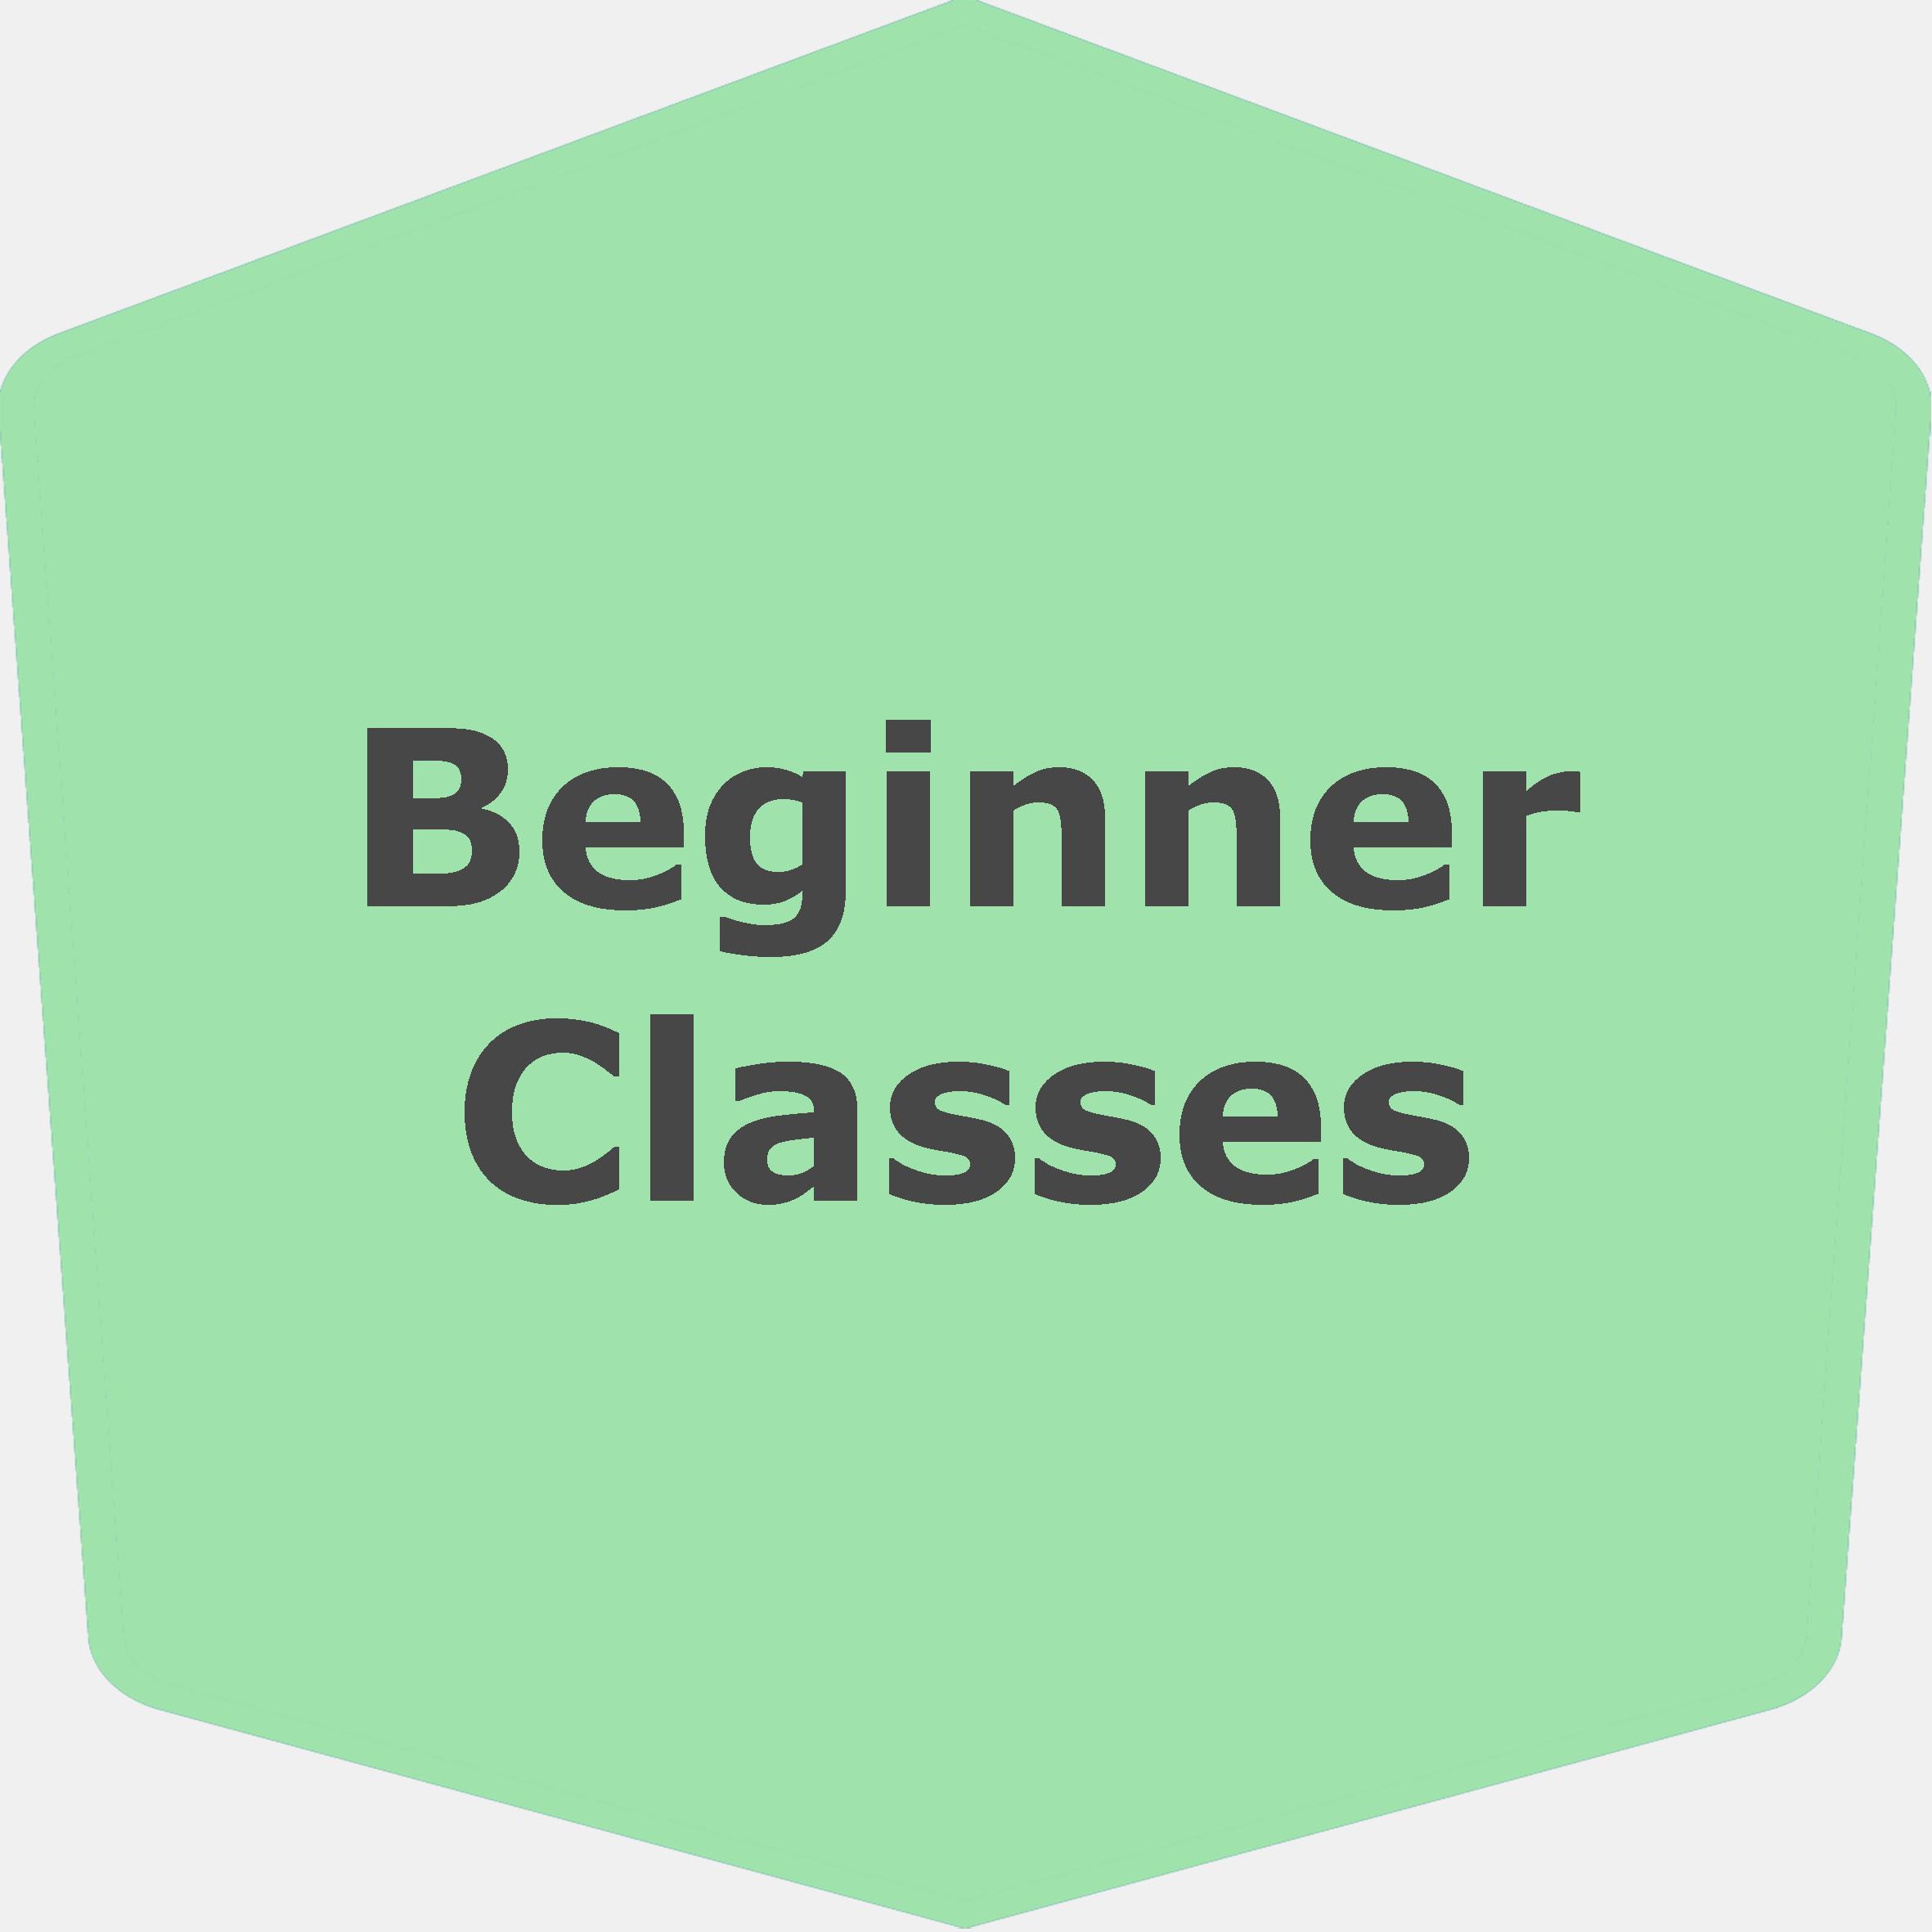 Beginner Classes (Icon).jpg